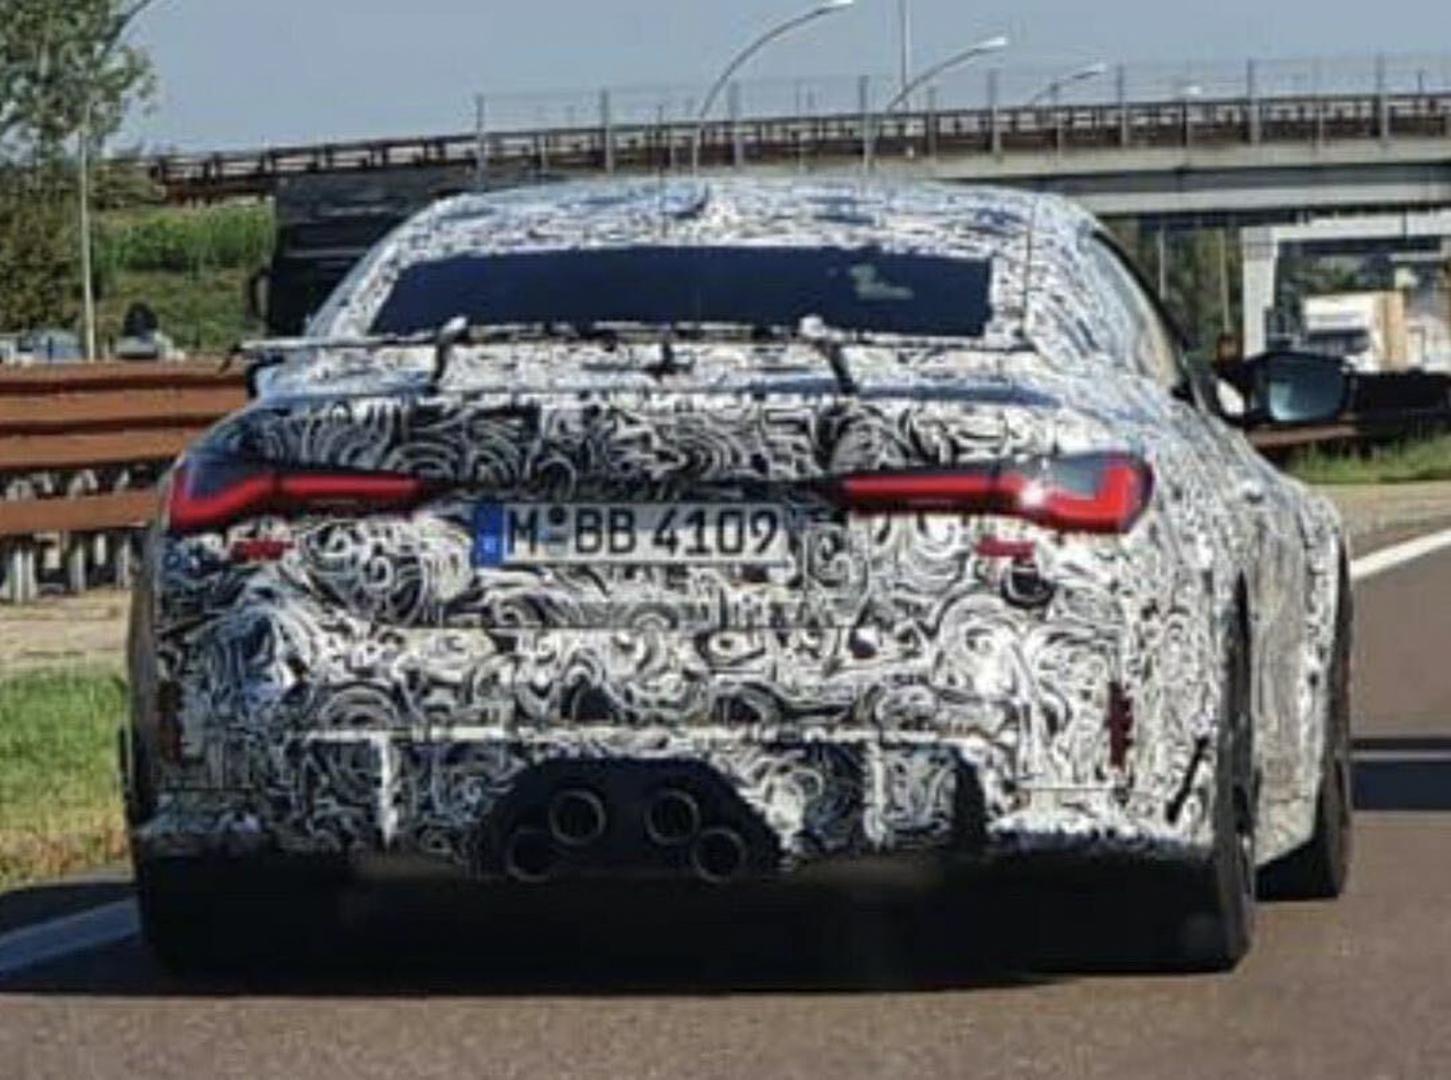 O BMW M4 CSL trata-se de uma edição limitada focada para o prazer de condução. O modelo vai equipar uma caixa manual, contar com tração traseira e claro mais cavalos debaixo do capot.